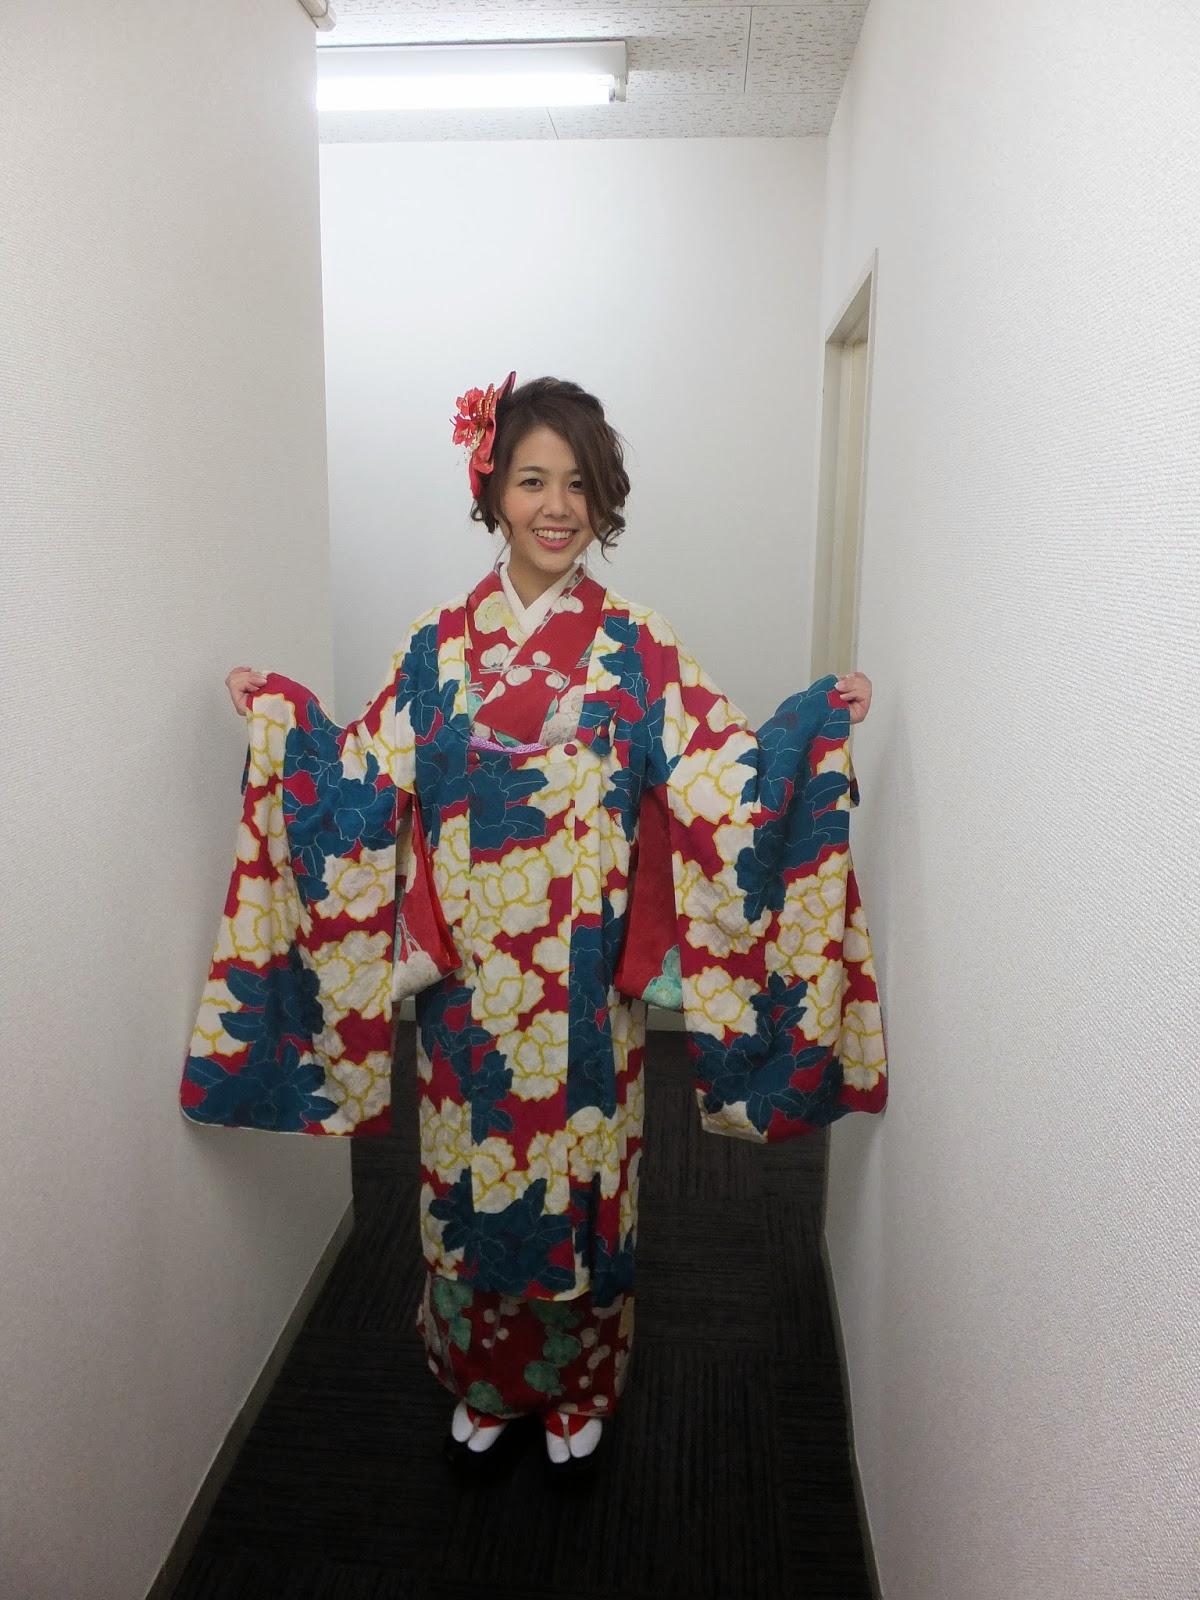 こちらの着物はアンティークの着物帯羽織こっぽりでまとめたレトロ感溢れる素敵な装い